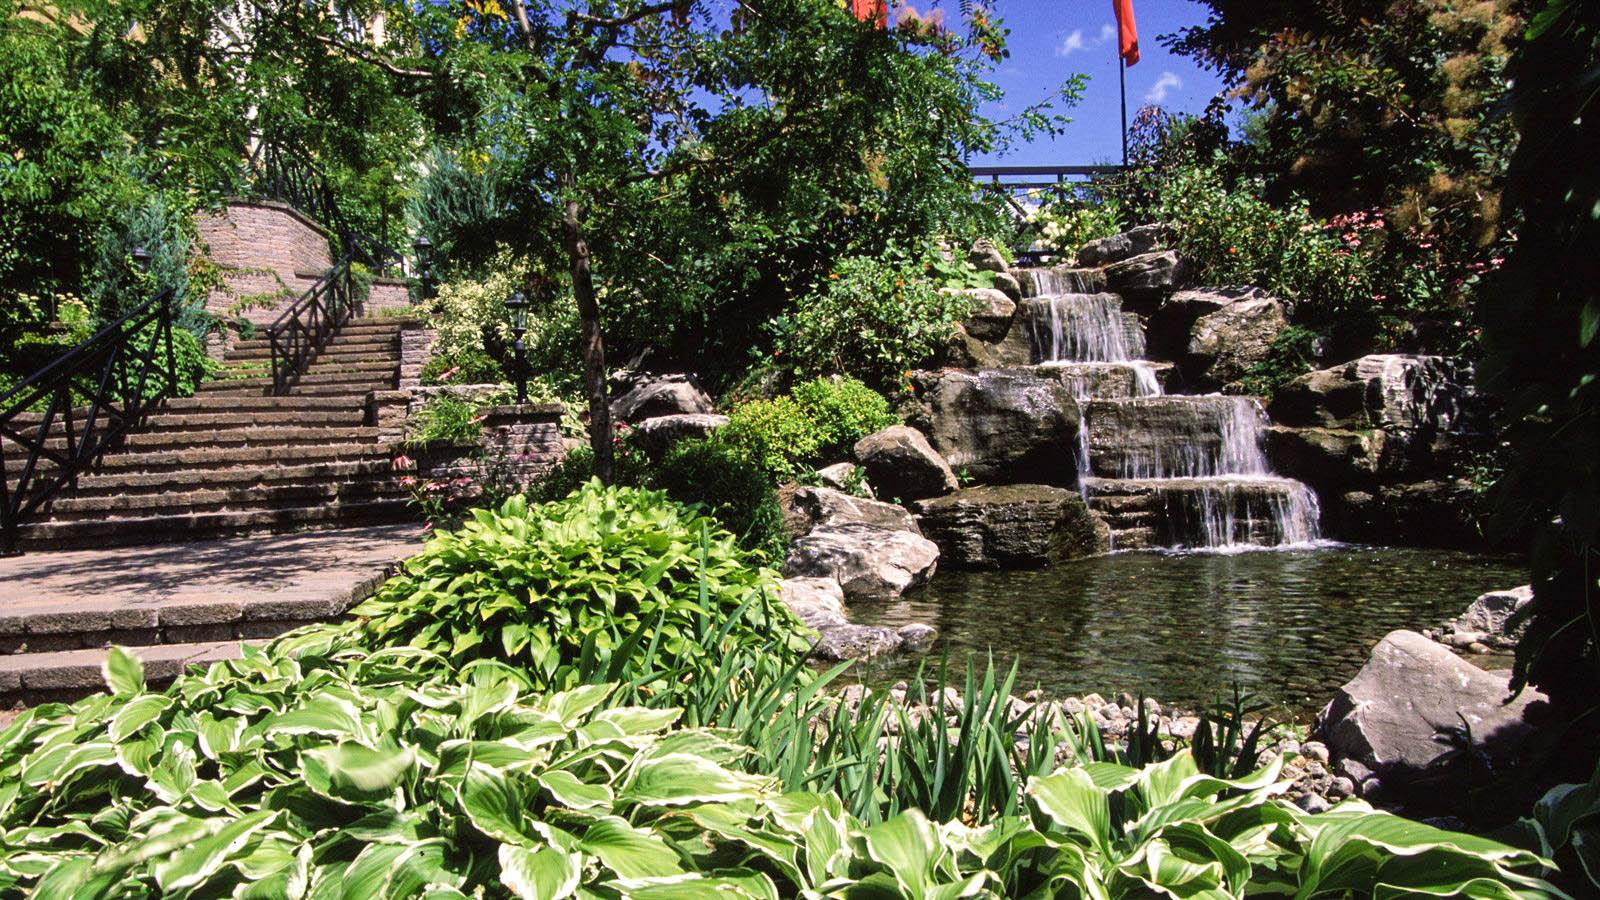 Comment Faire Son Jardin D'eau : Trucs Et Astuces Pour ... intérieur Profondeur D Un Bassin De Jardin